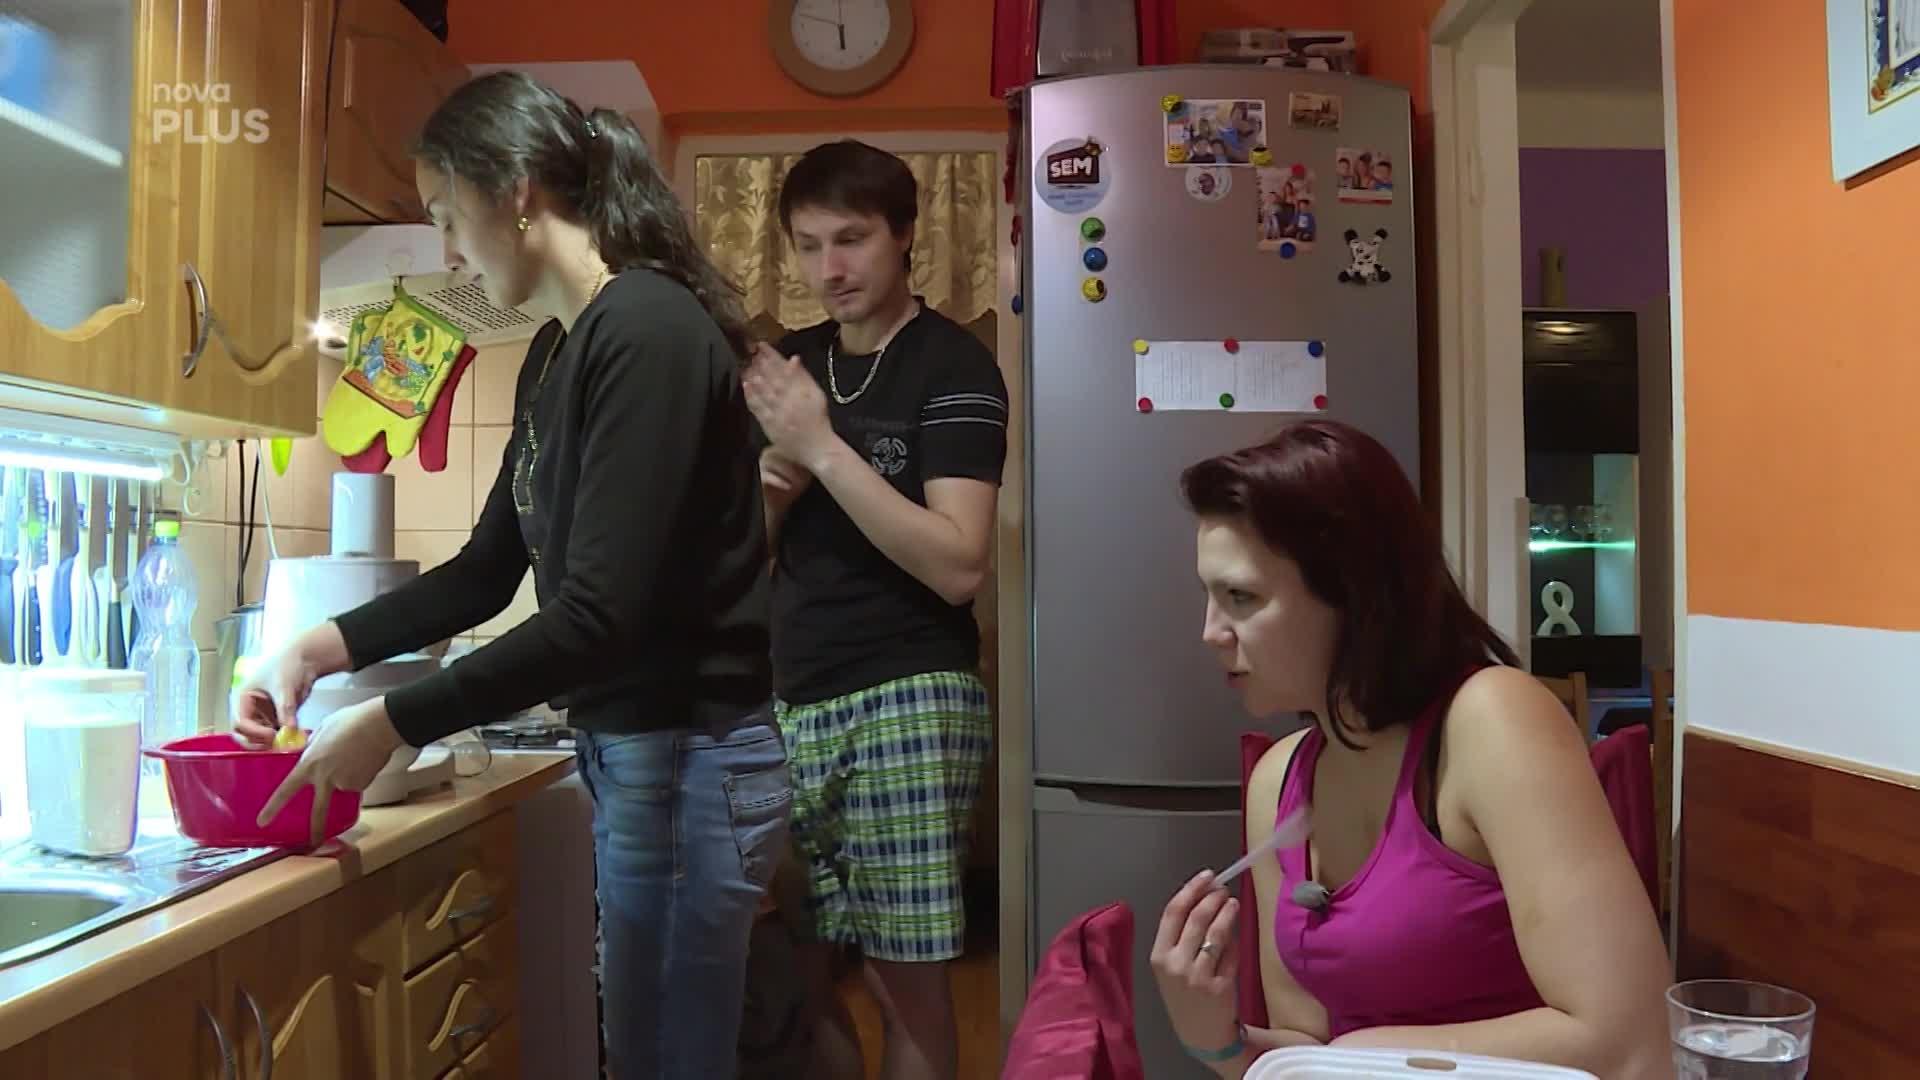 Andrea cítí vůči Filipovi lítost, setkání s druhou ženou ji šokovalo! Jak otočil její muž?